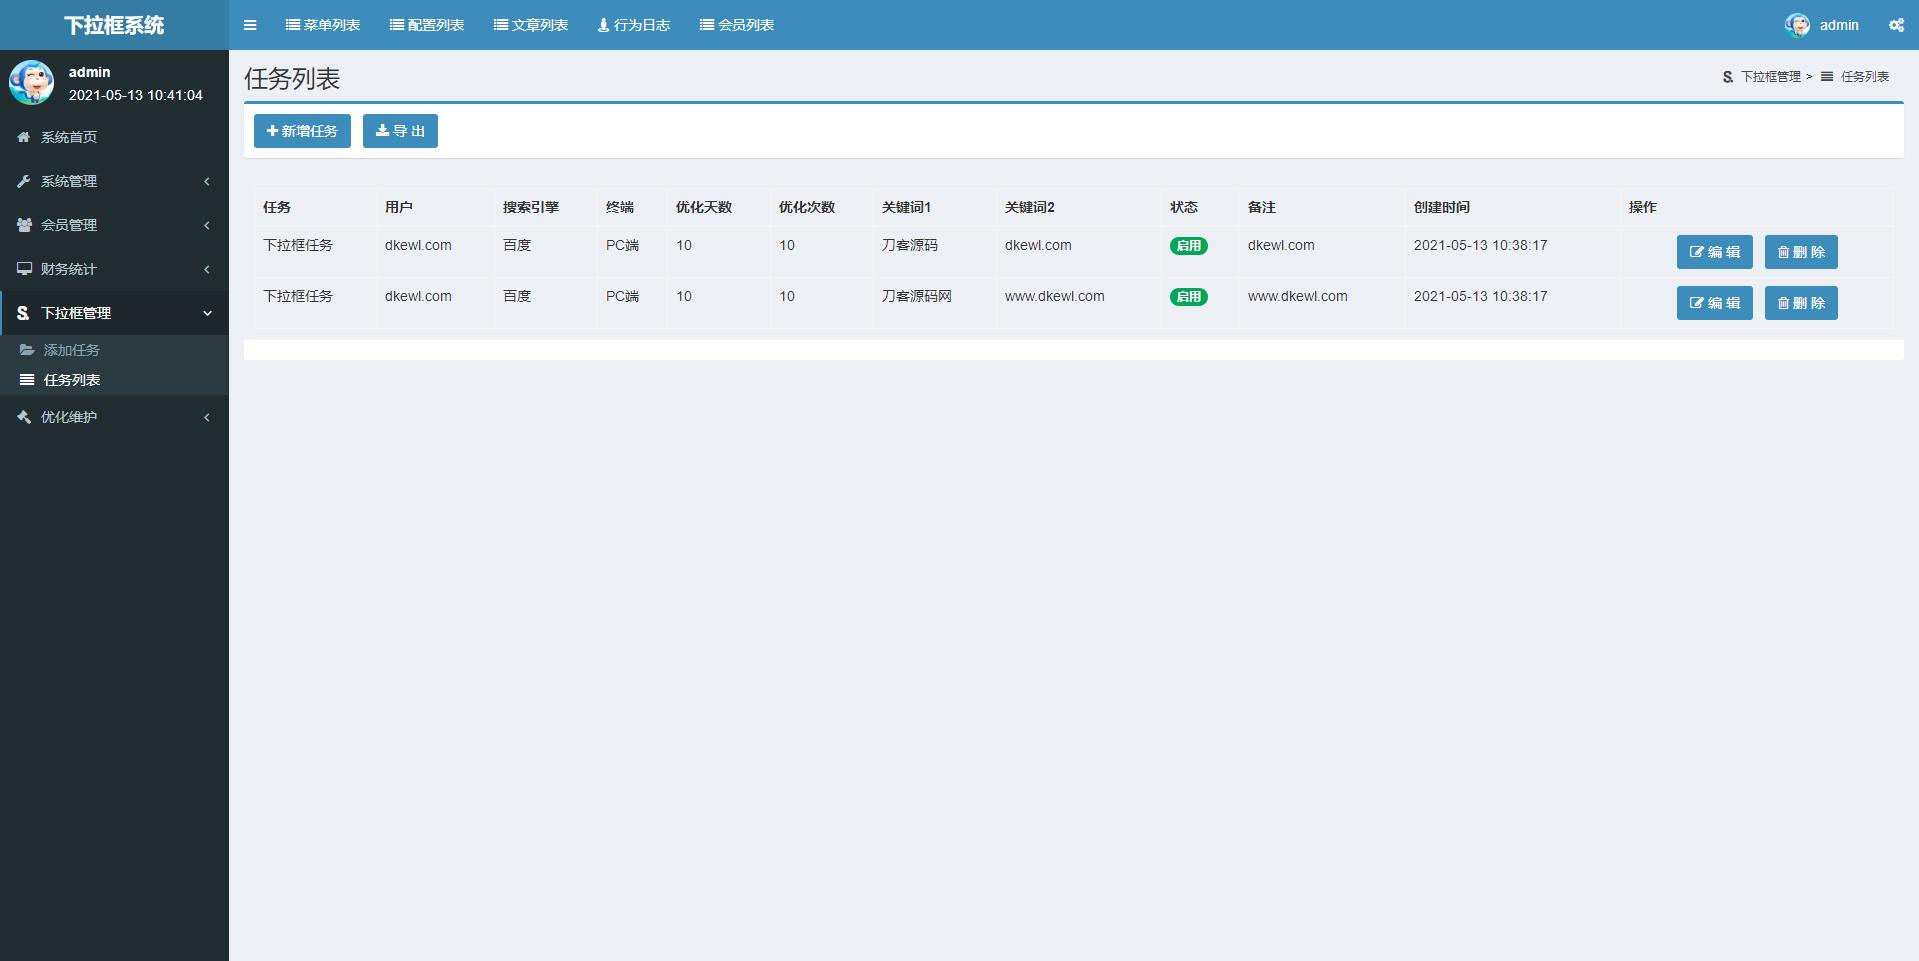 关键字SEO搜索推荐/下拉列表/优化软件/按天扣费系统软件全开源系统插图4